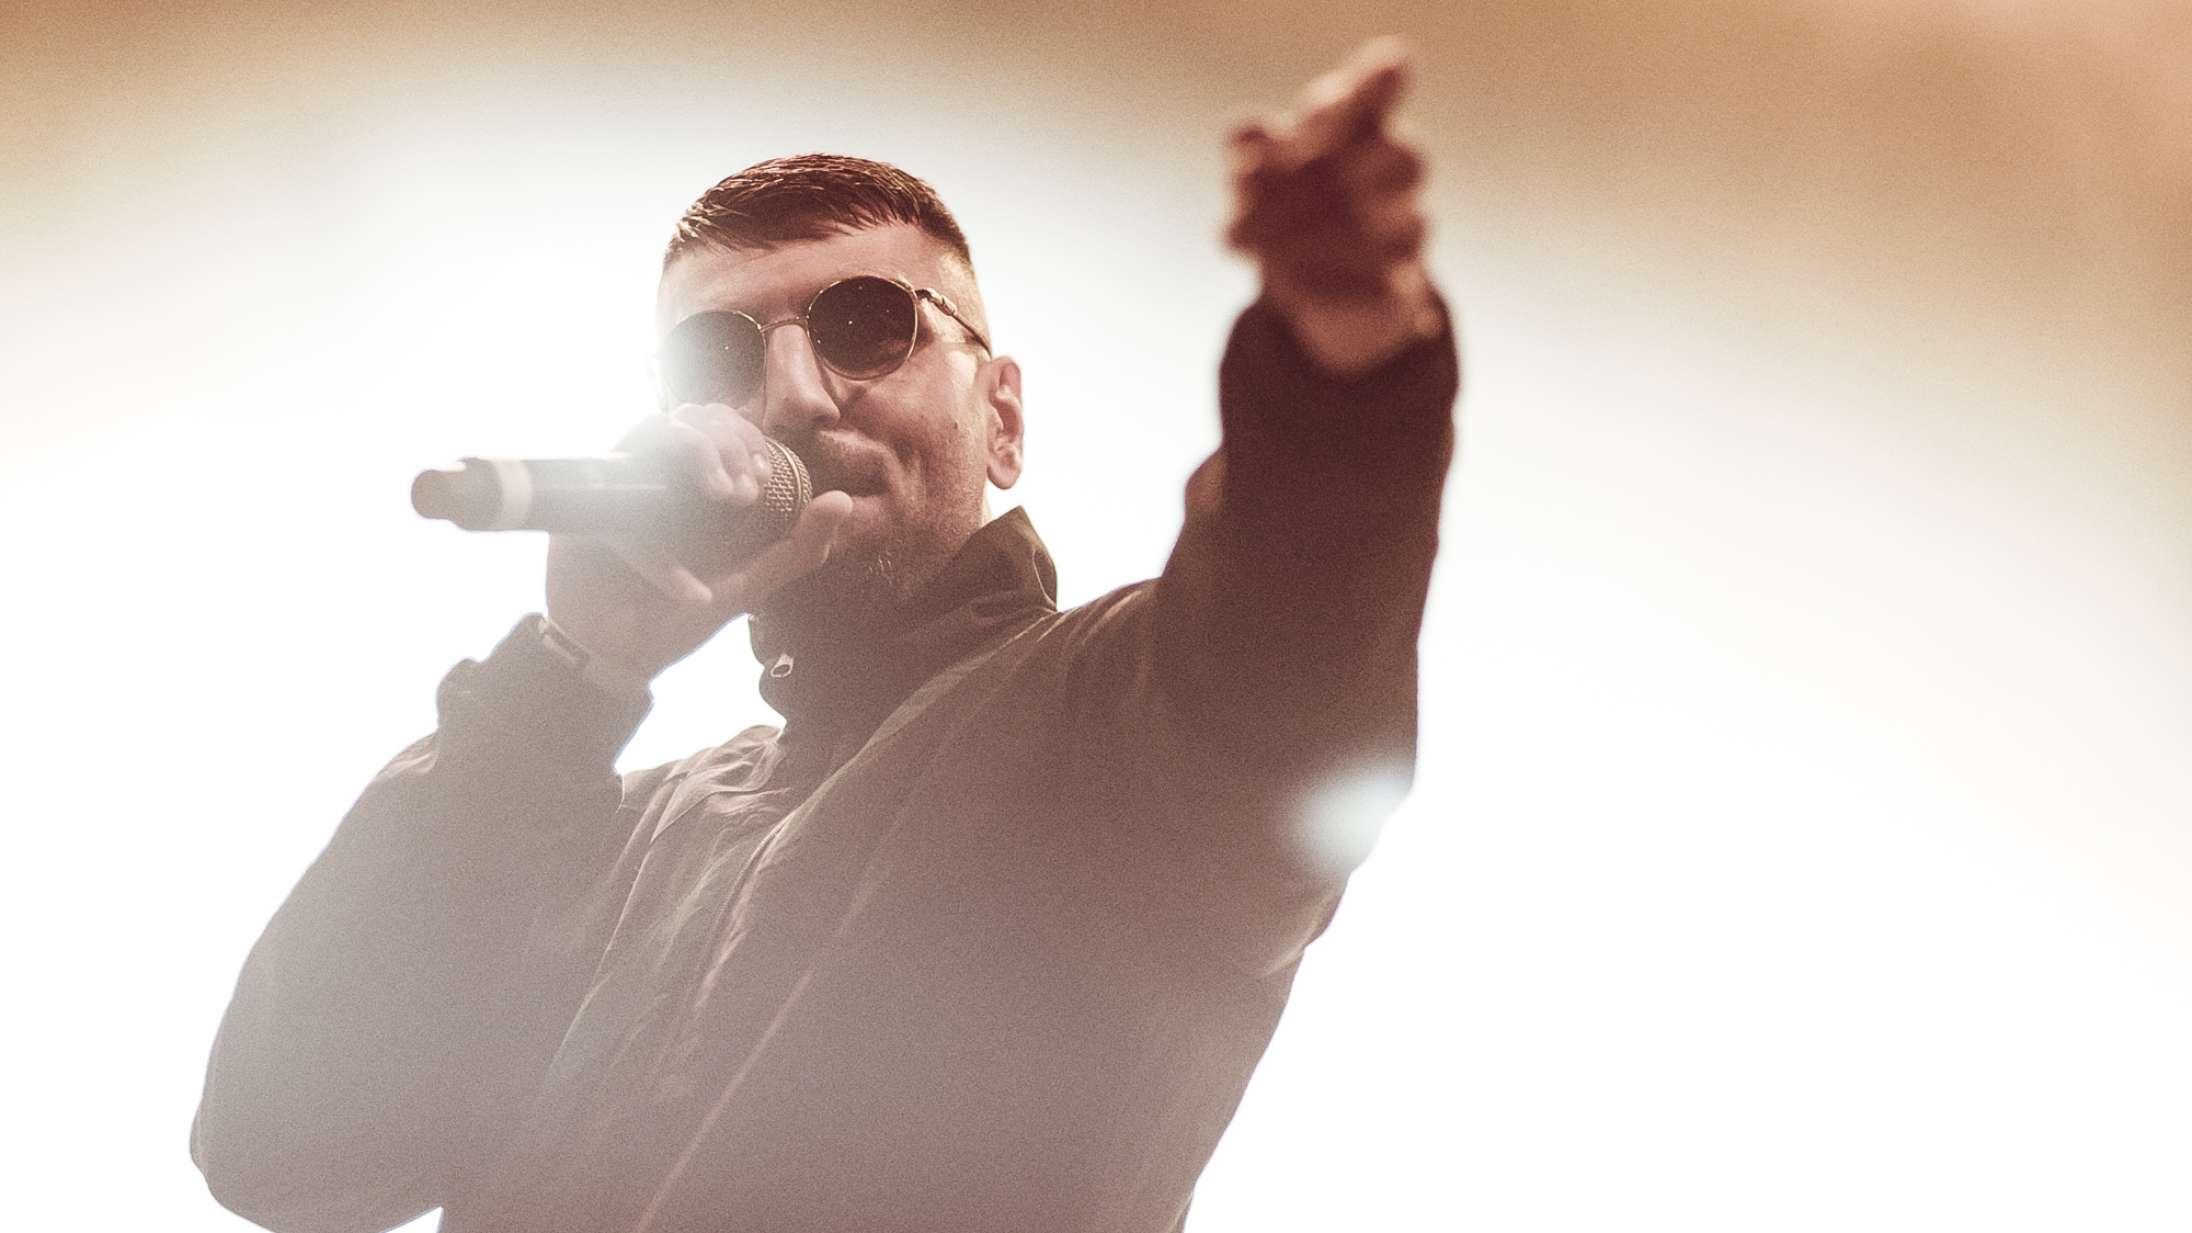 Sivas og Kesi topper listen over sommerens største hits på Spotify